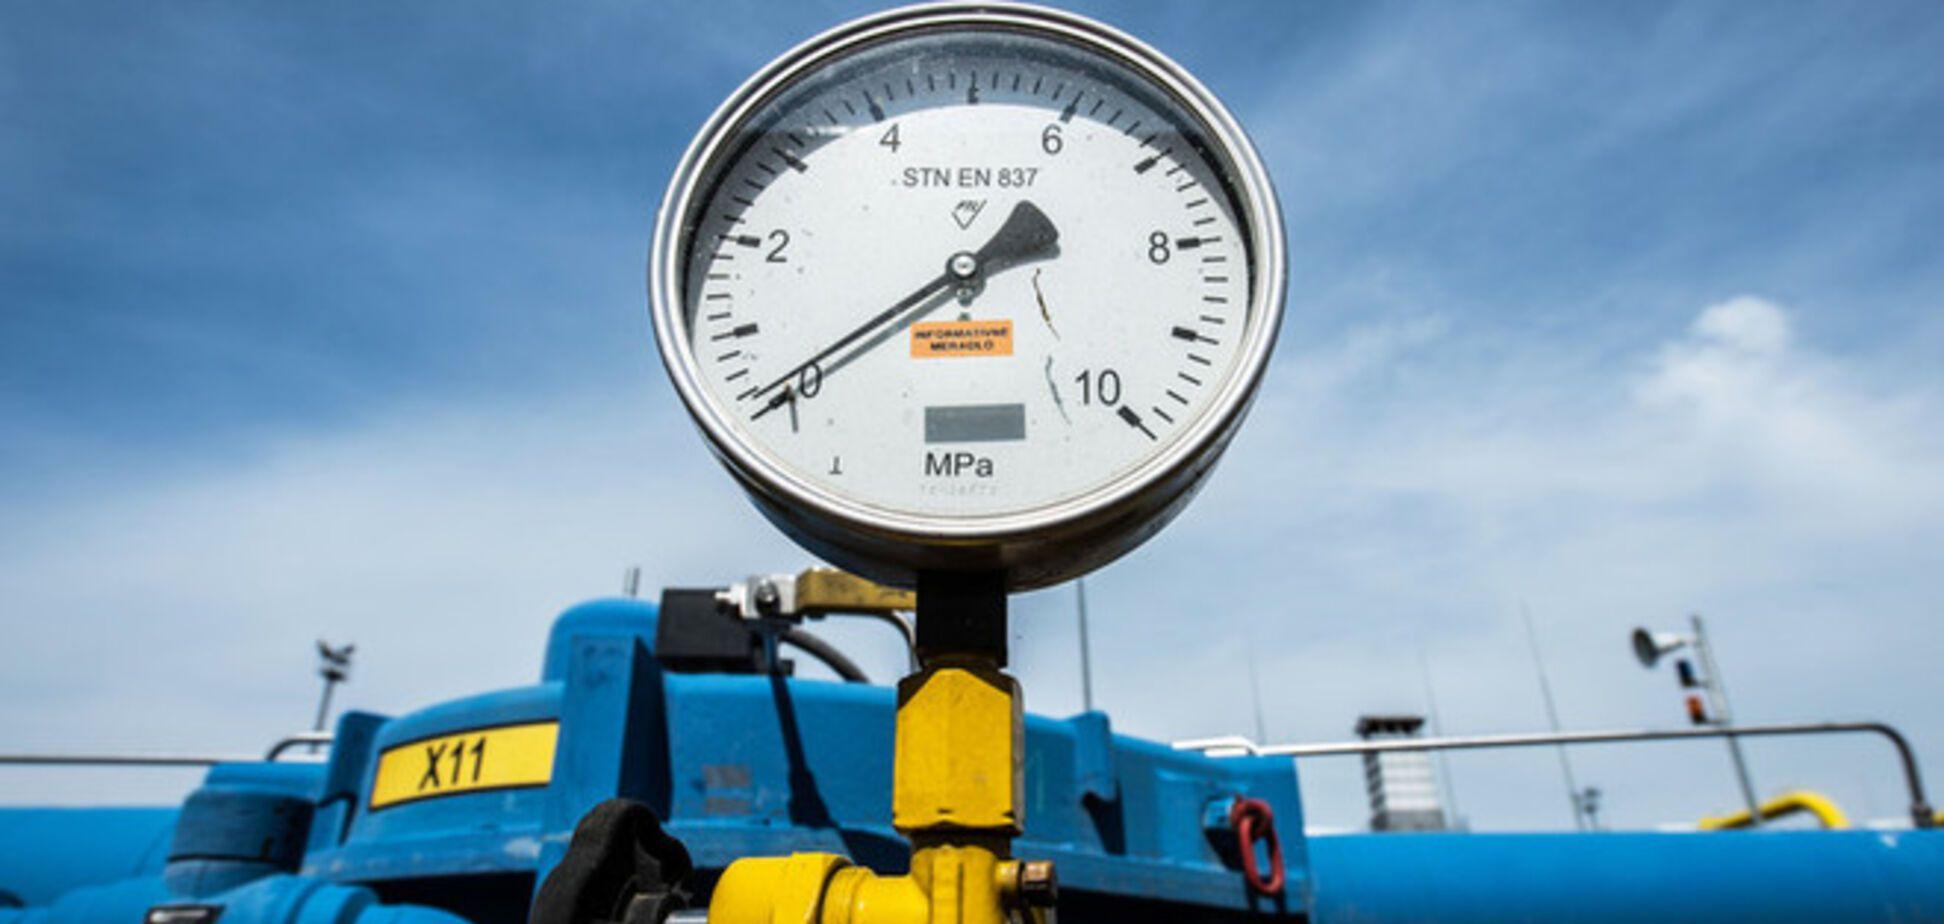 Еврокомиссия озвучила, где и когда могут пройти очередные трехсторонние переговоры по газу